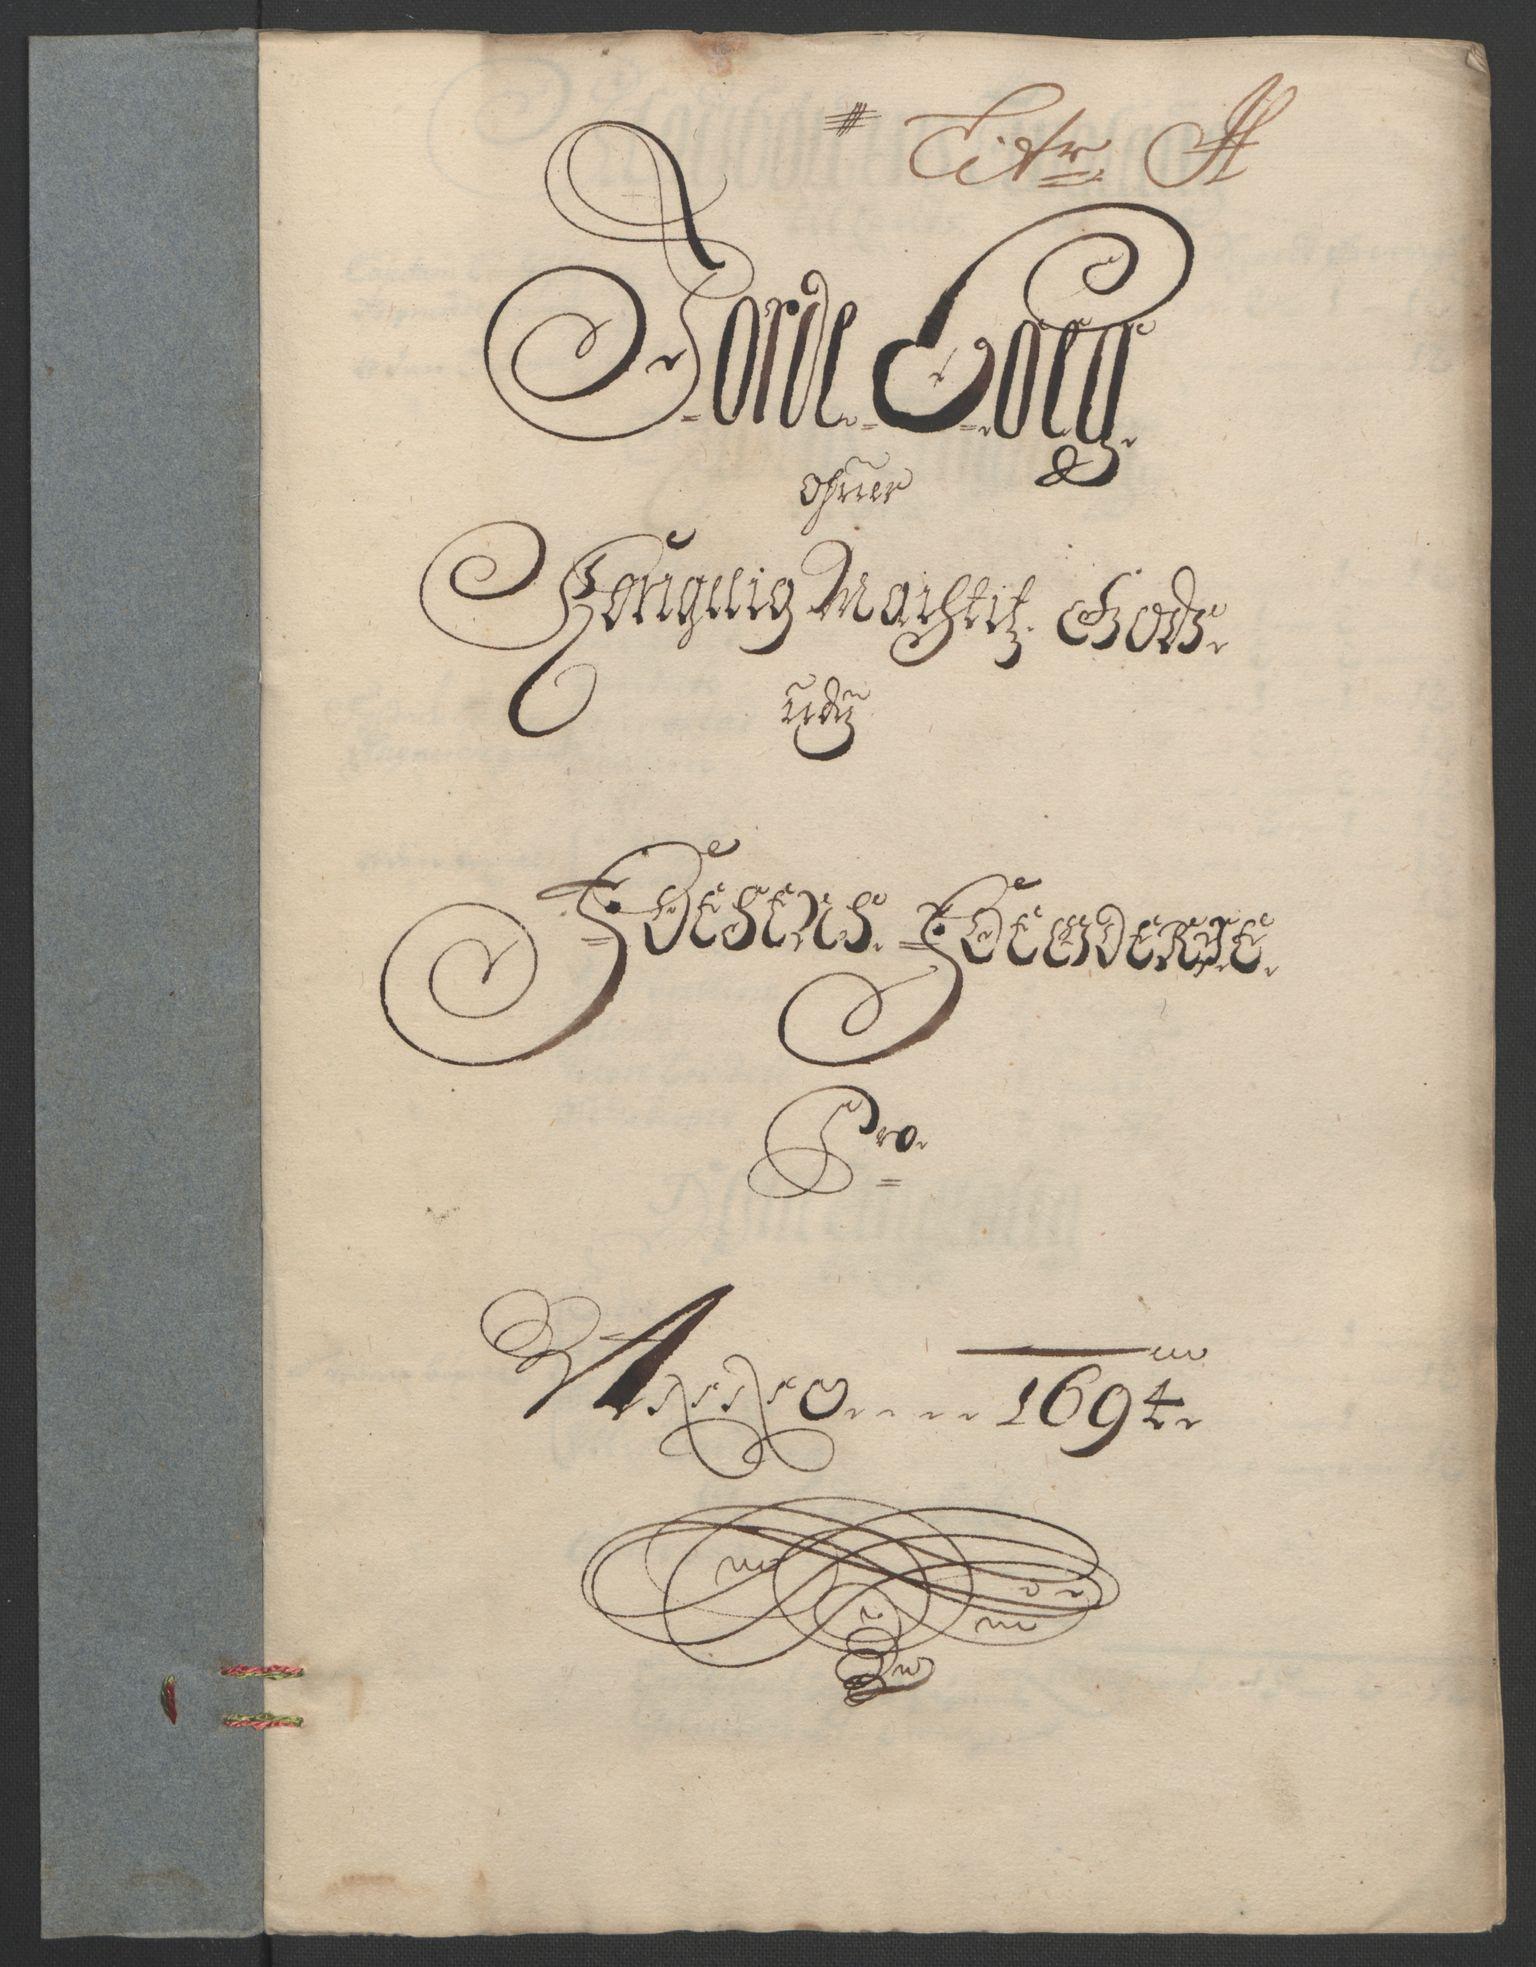 RA, Rentekammeret inntil 1814, Reviderte regnskaper, Fogderegnskap, R57/L3850: Fogderegnskap Fosen, 1694, s. 125